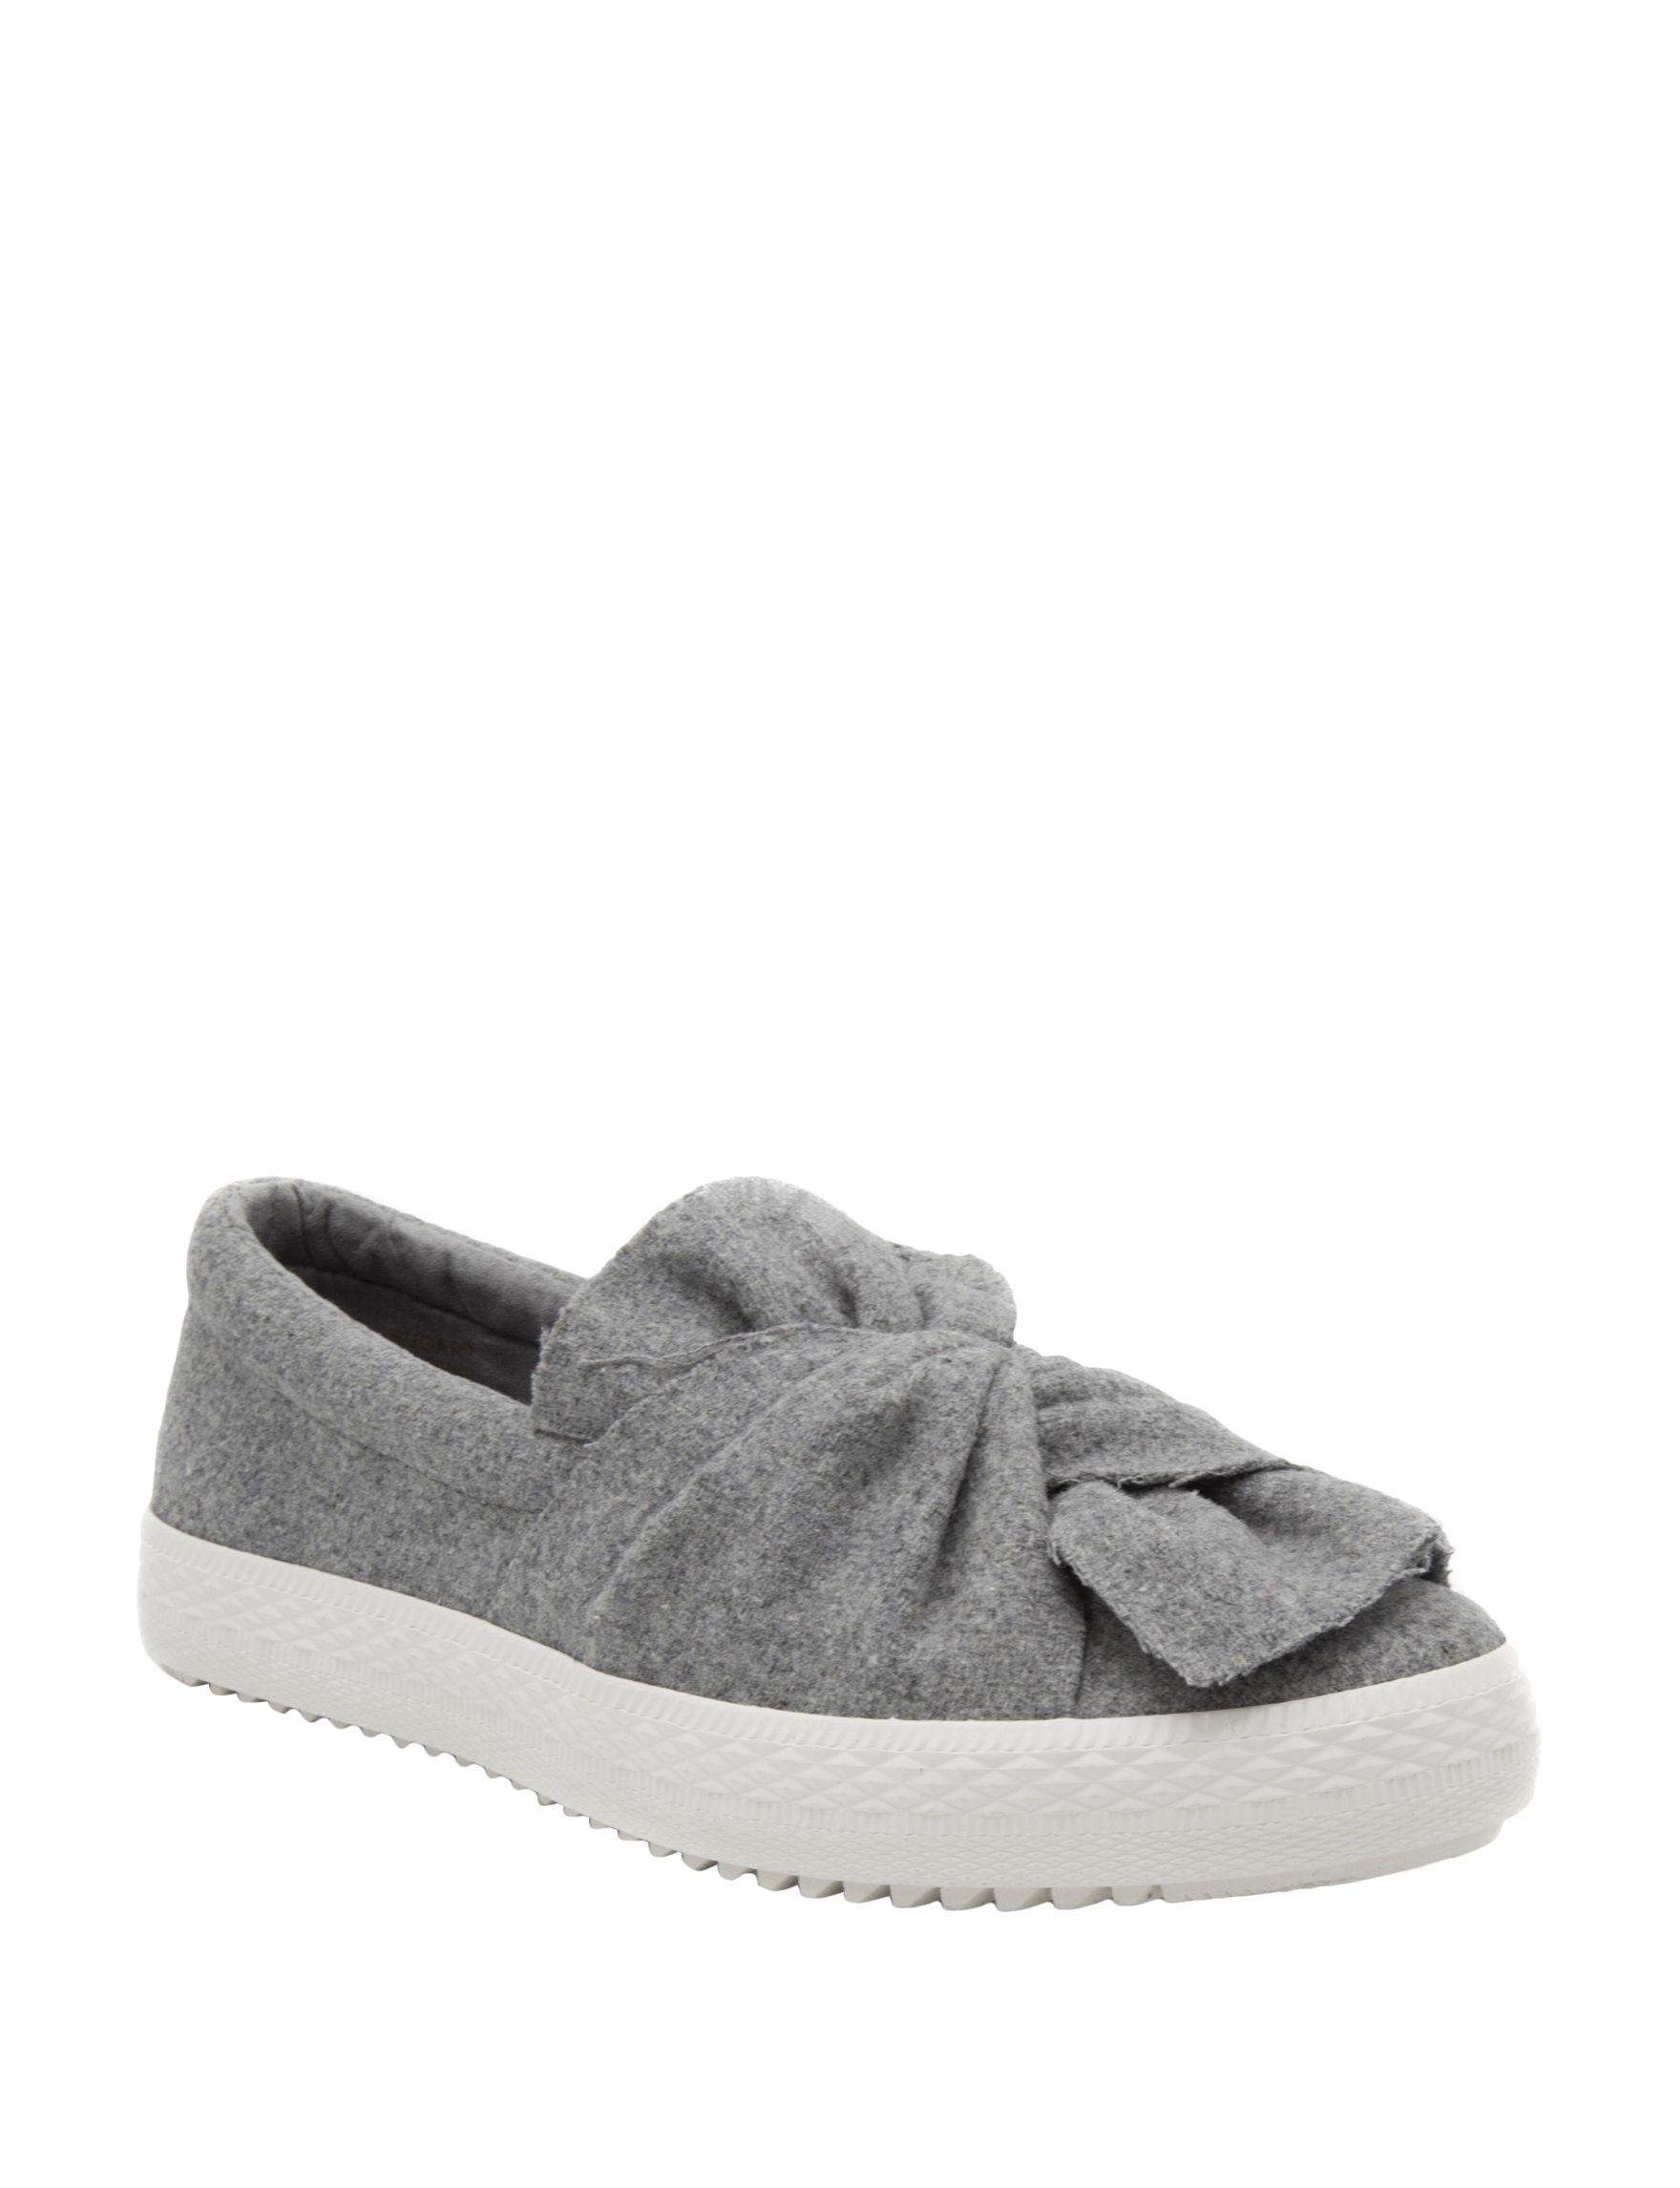 Sugar Grey Slipper Shoes